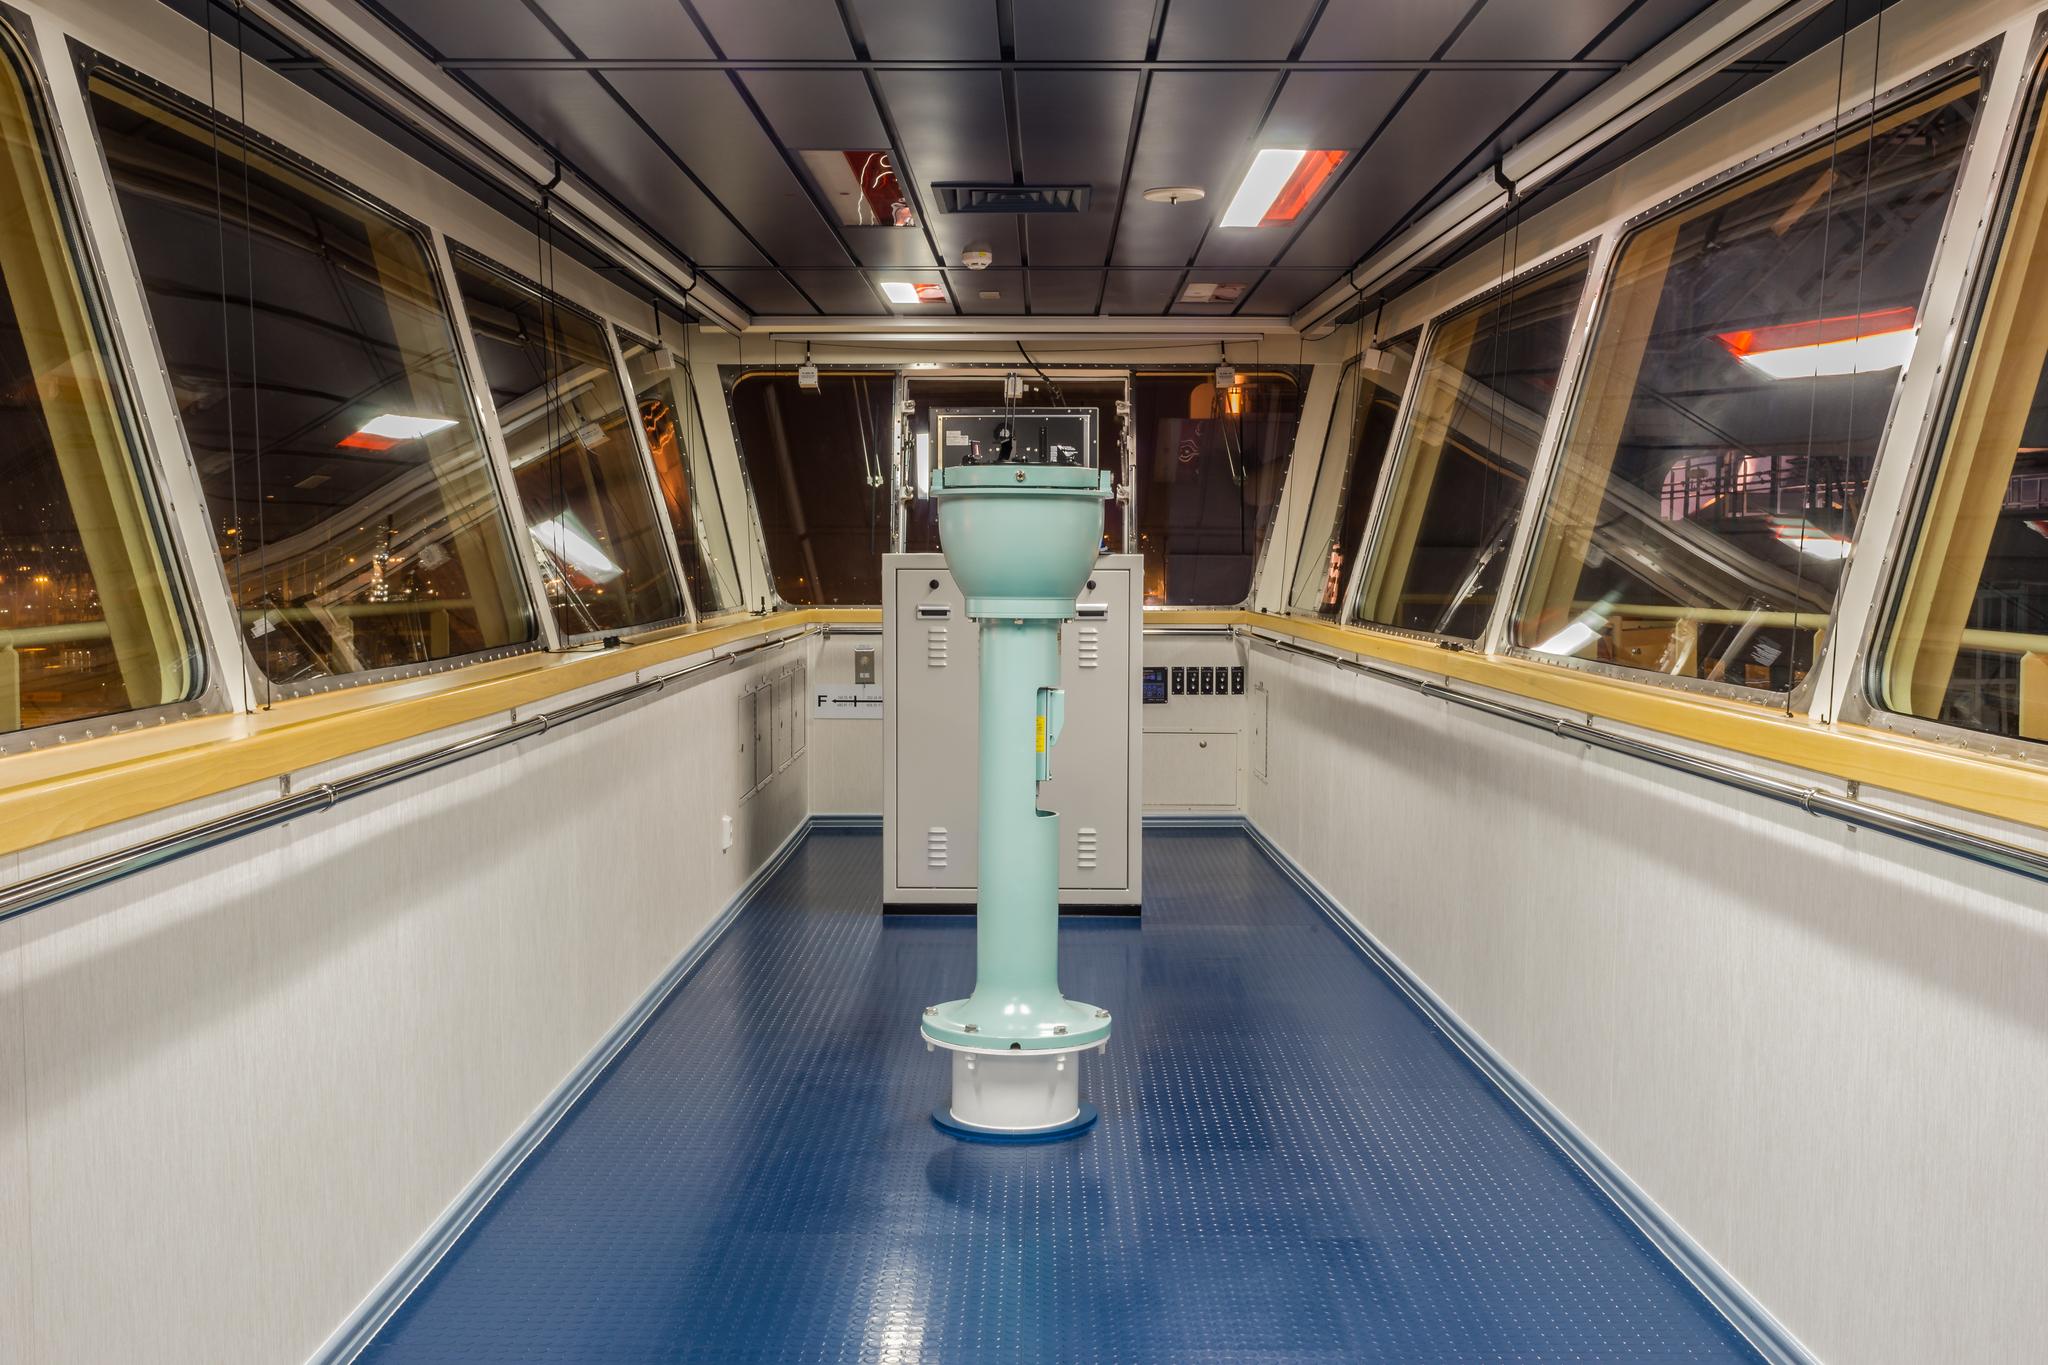 Jedna z dwóch pomocniczych konsol nawigacyjnych na mostku Mayview Maersk, wykorzystywana głównie do manewrowania kontenerowcem w porcie (fot. Robert Urbaniak)